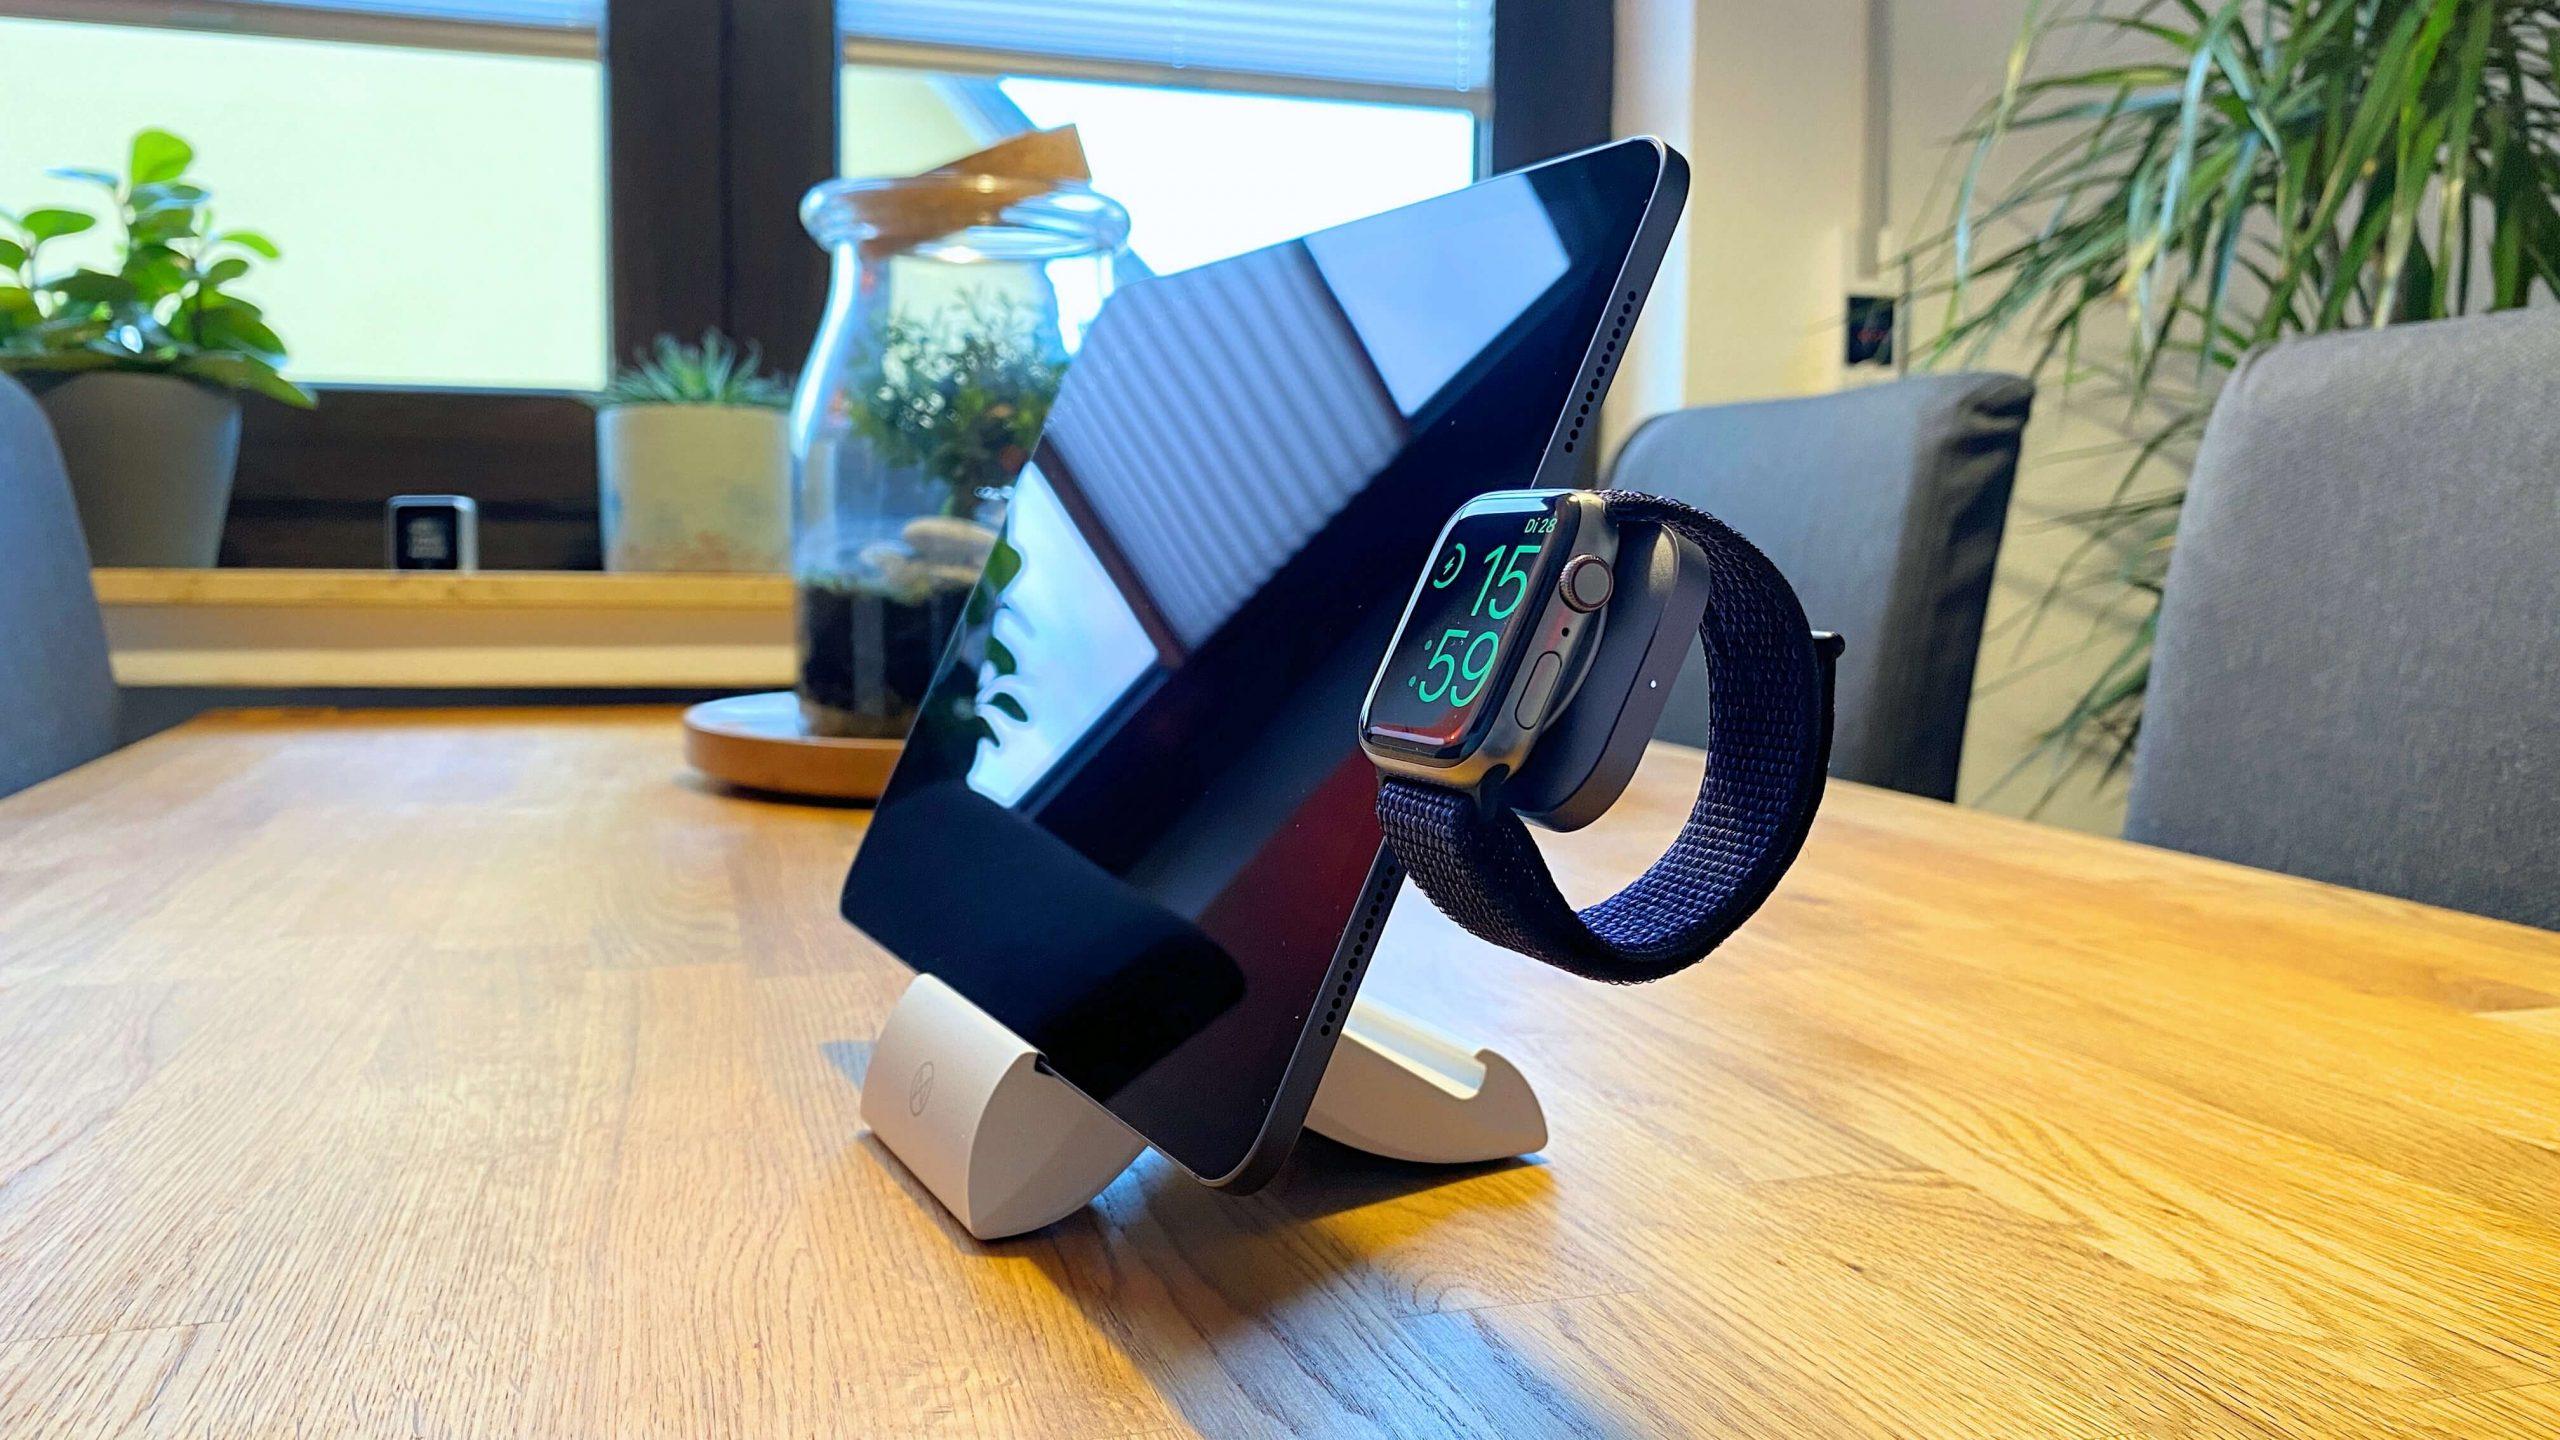 Satechi_Apple_Watch_USBC_Charger_Ladegerät_MFI_Review1-scaled USB-C-Adapter für die Apple Watch von Satechi - ganz ohne Kabel aufladen